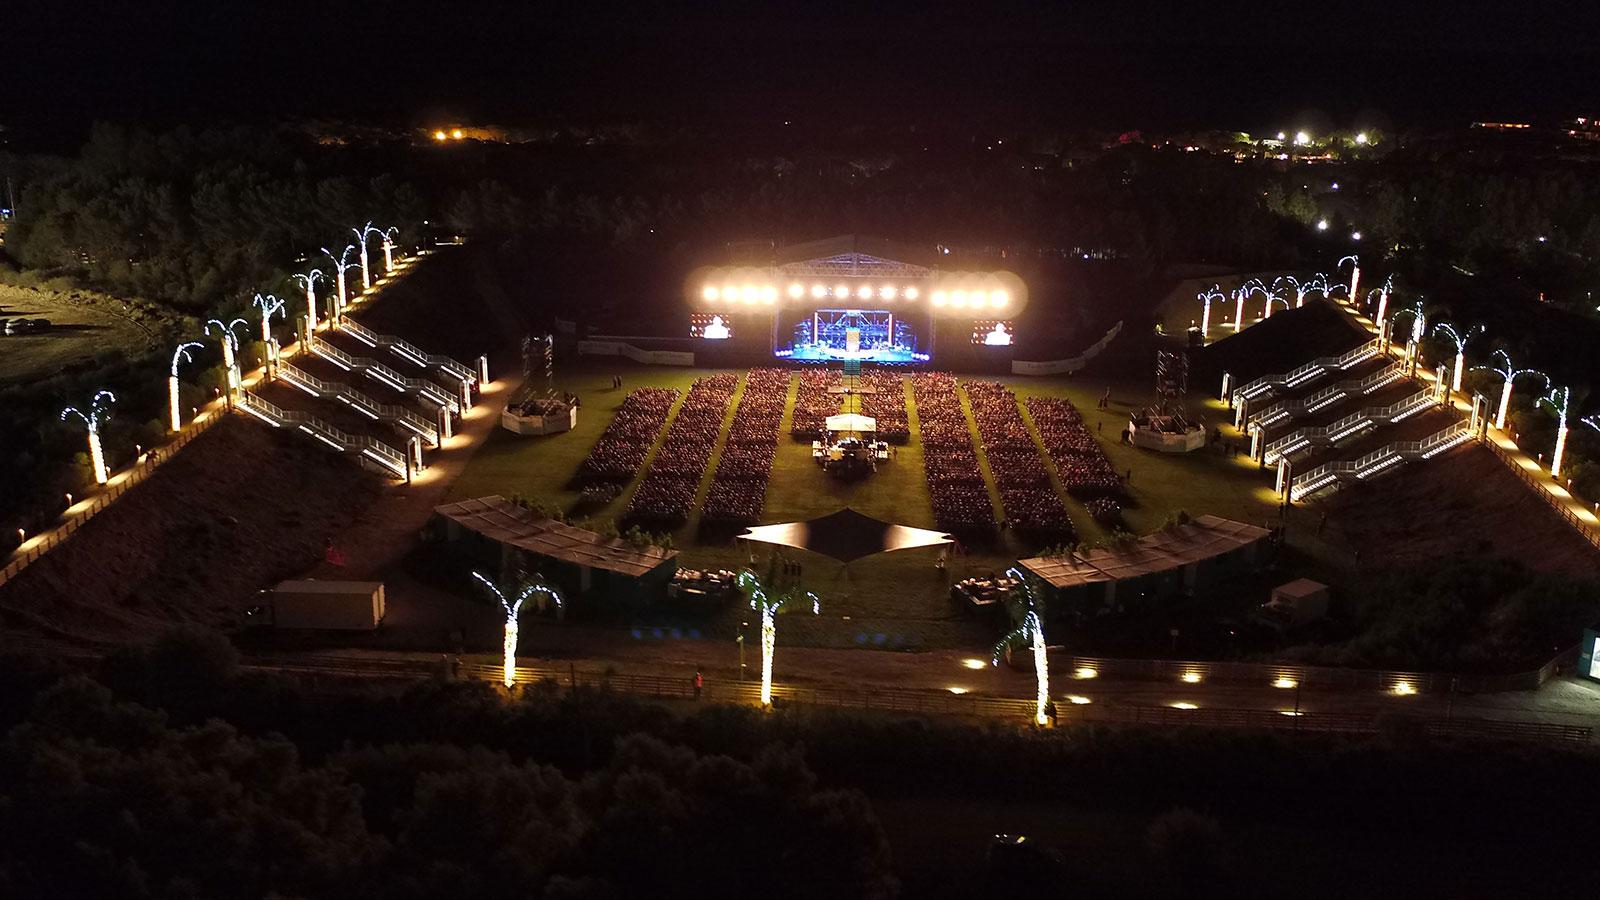 Forte Arena di notte durante evento